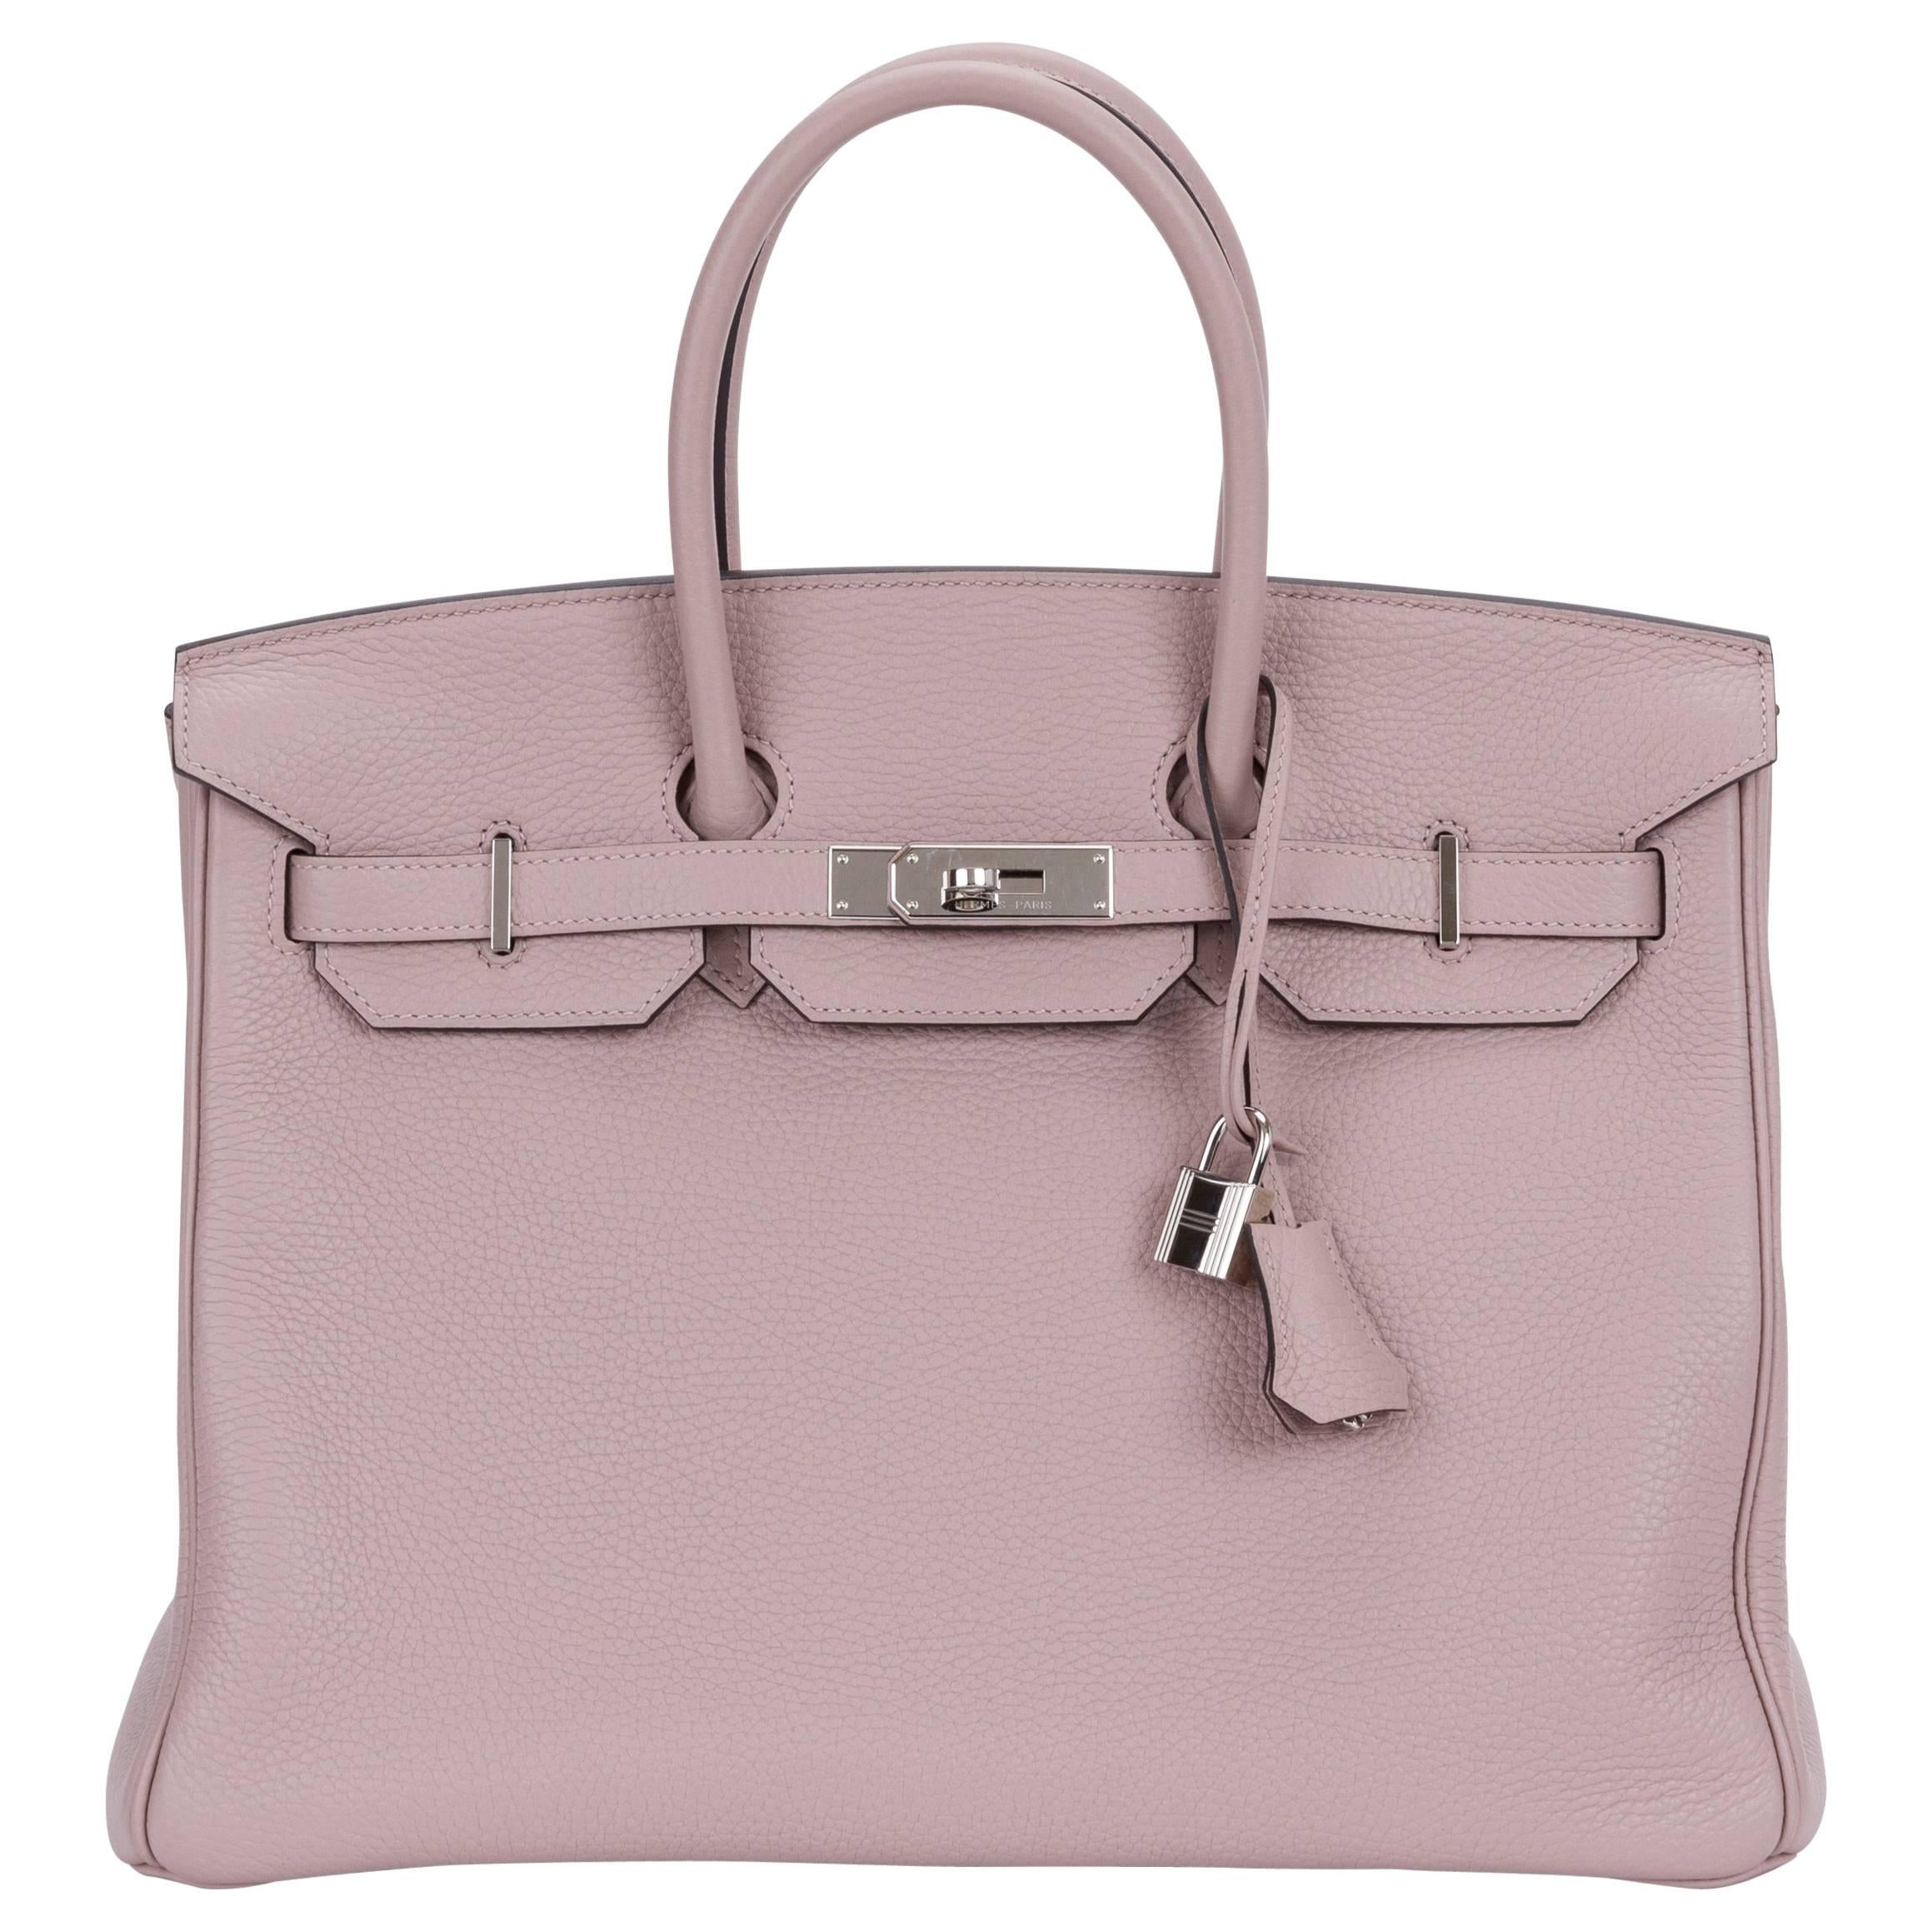 45888d5d8dbb Vintage Hermès Handbags and Purses - 2